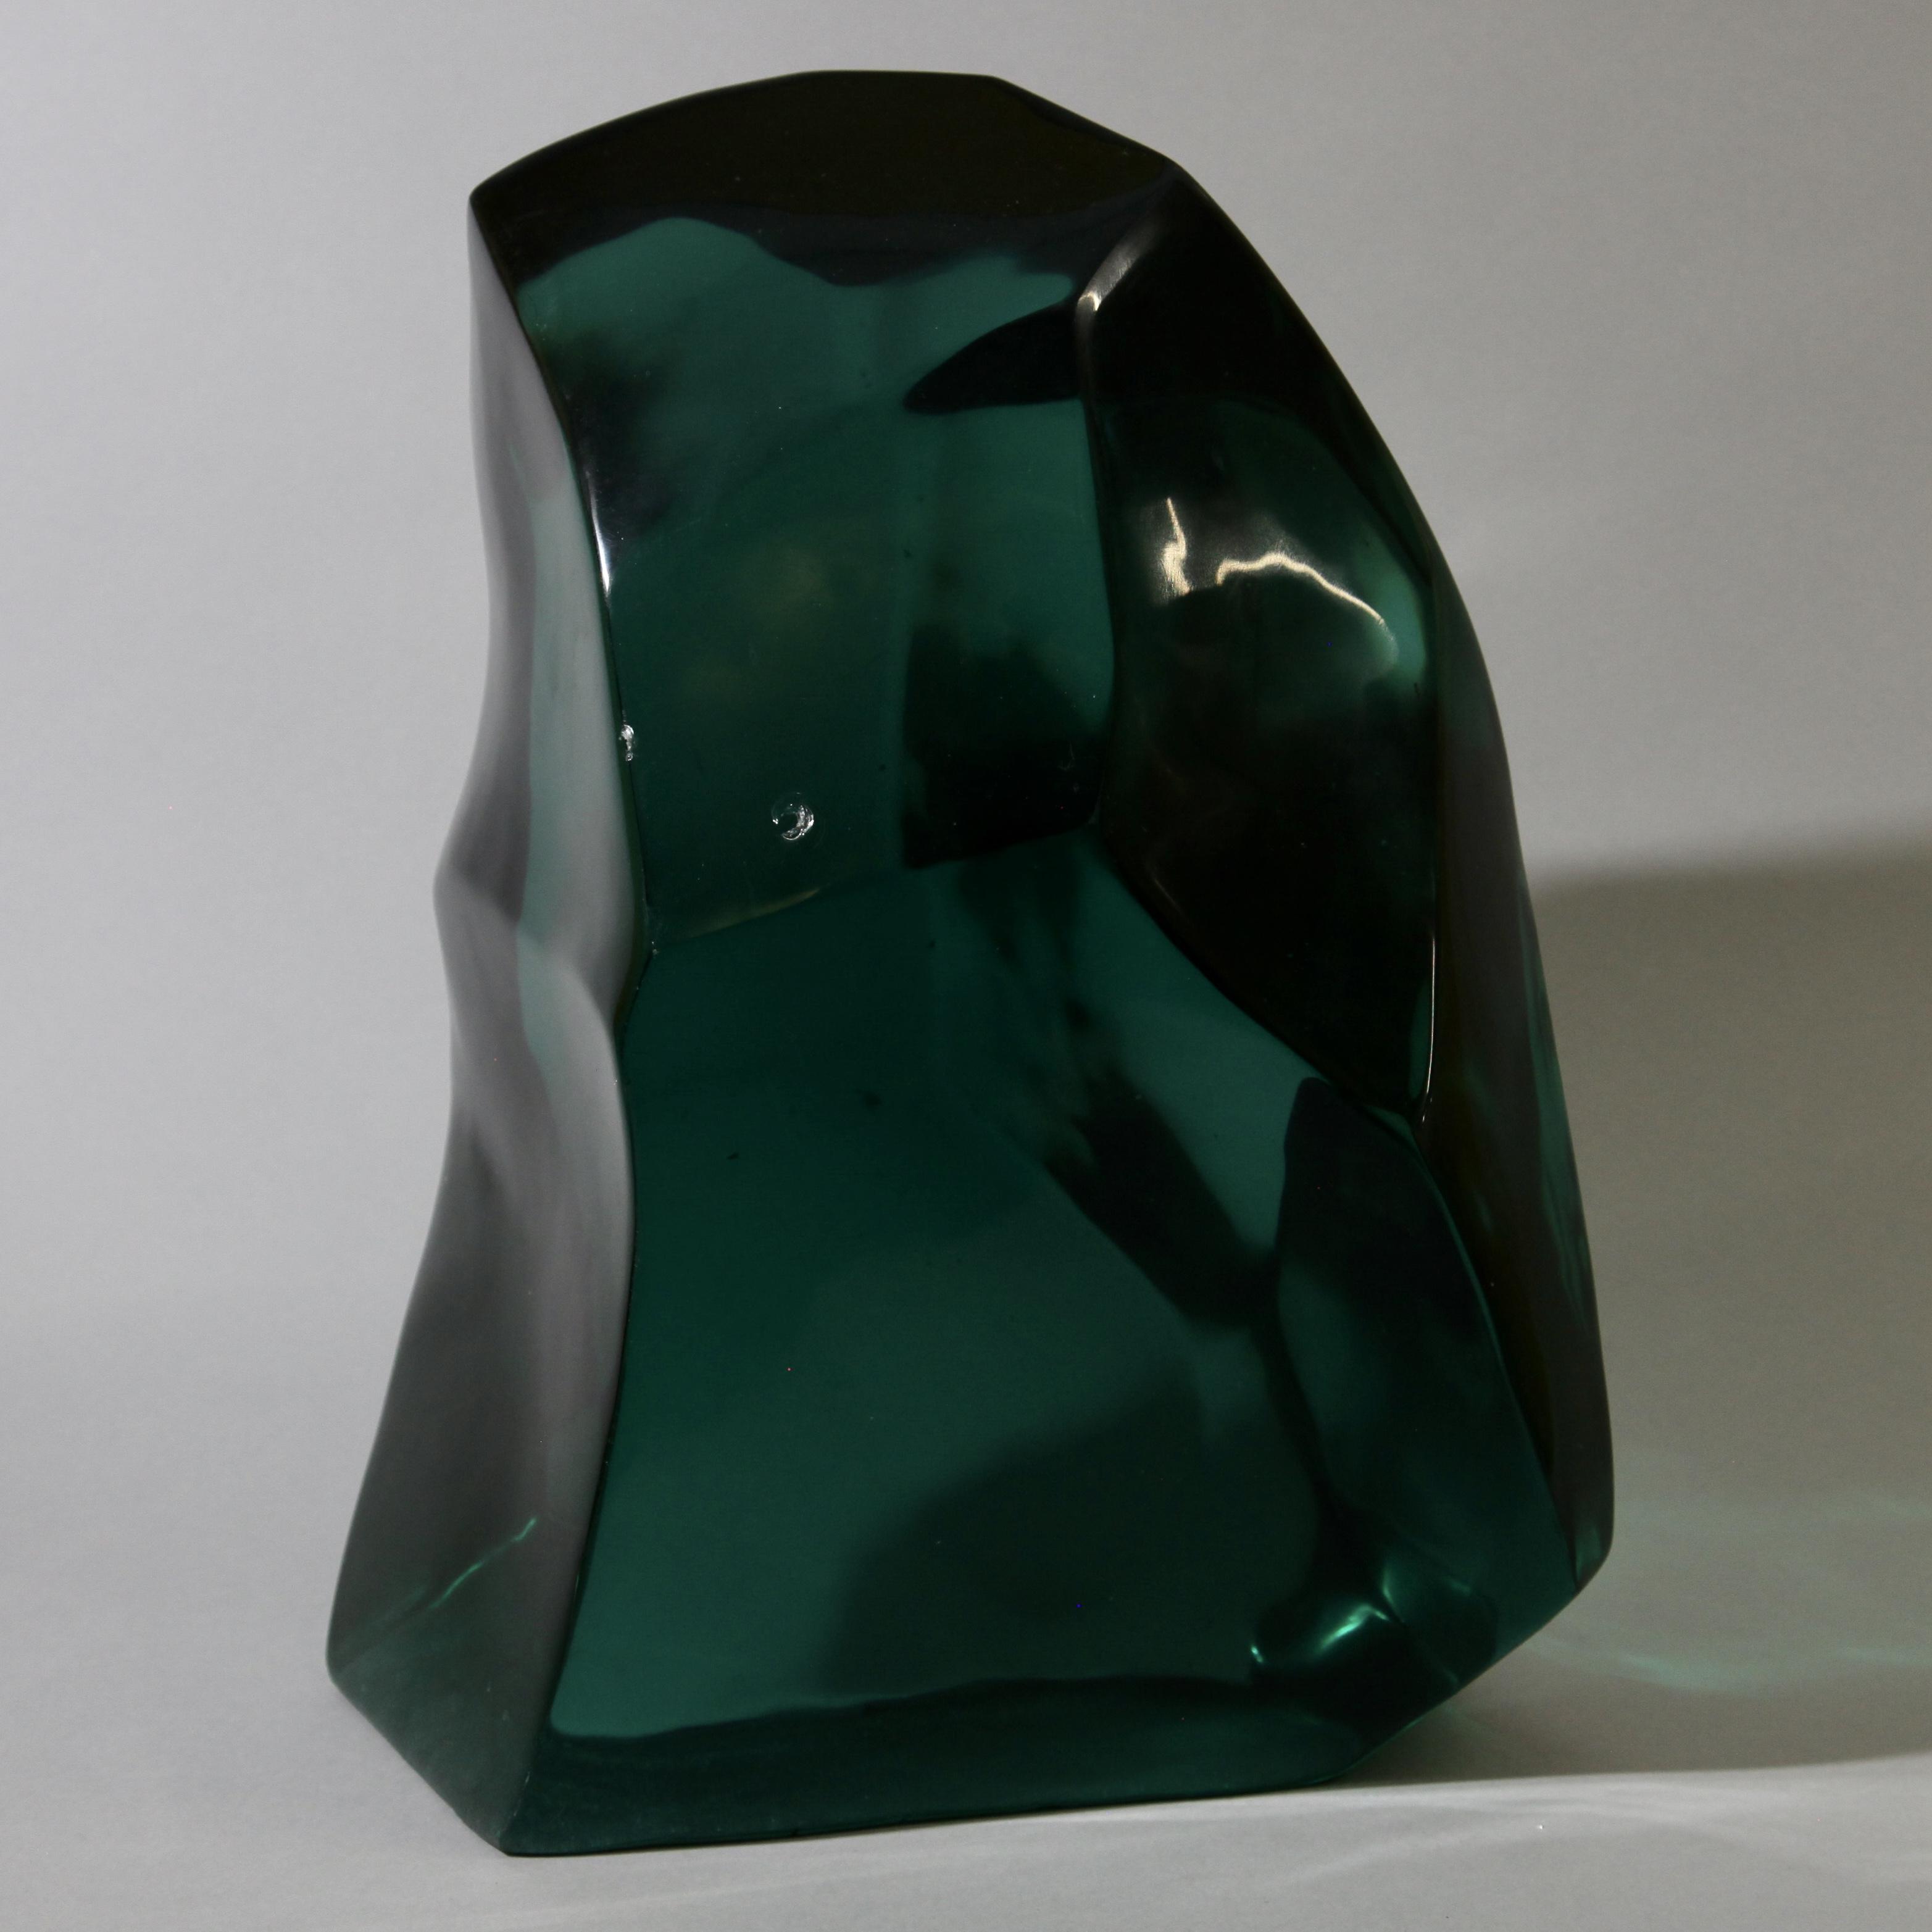 A LARGE DEEP TEAL GLASS SCULPTURE ( No 1187 )